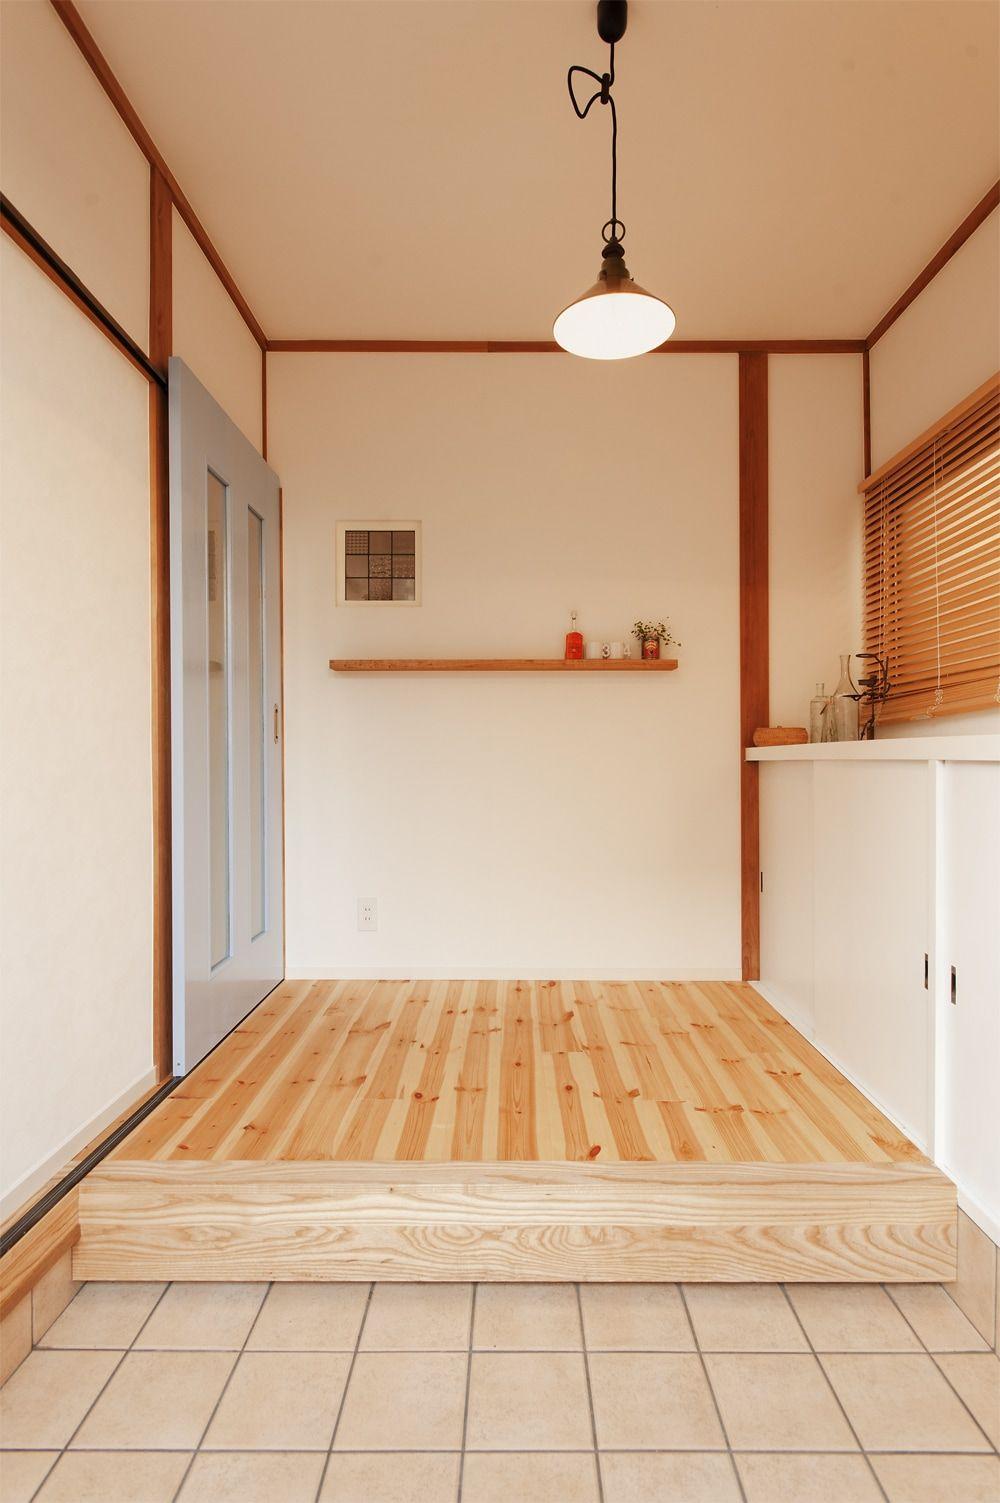 リフォーム リノベーションの事例 玄関 施工事例no 302古い中古住宅